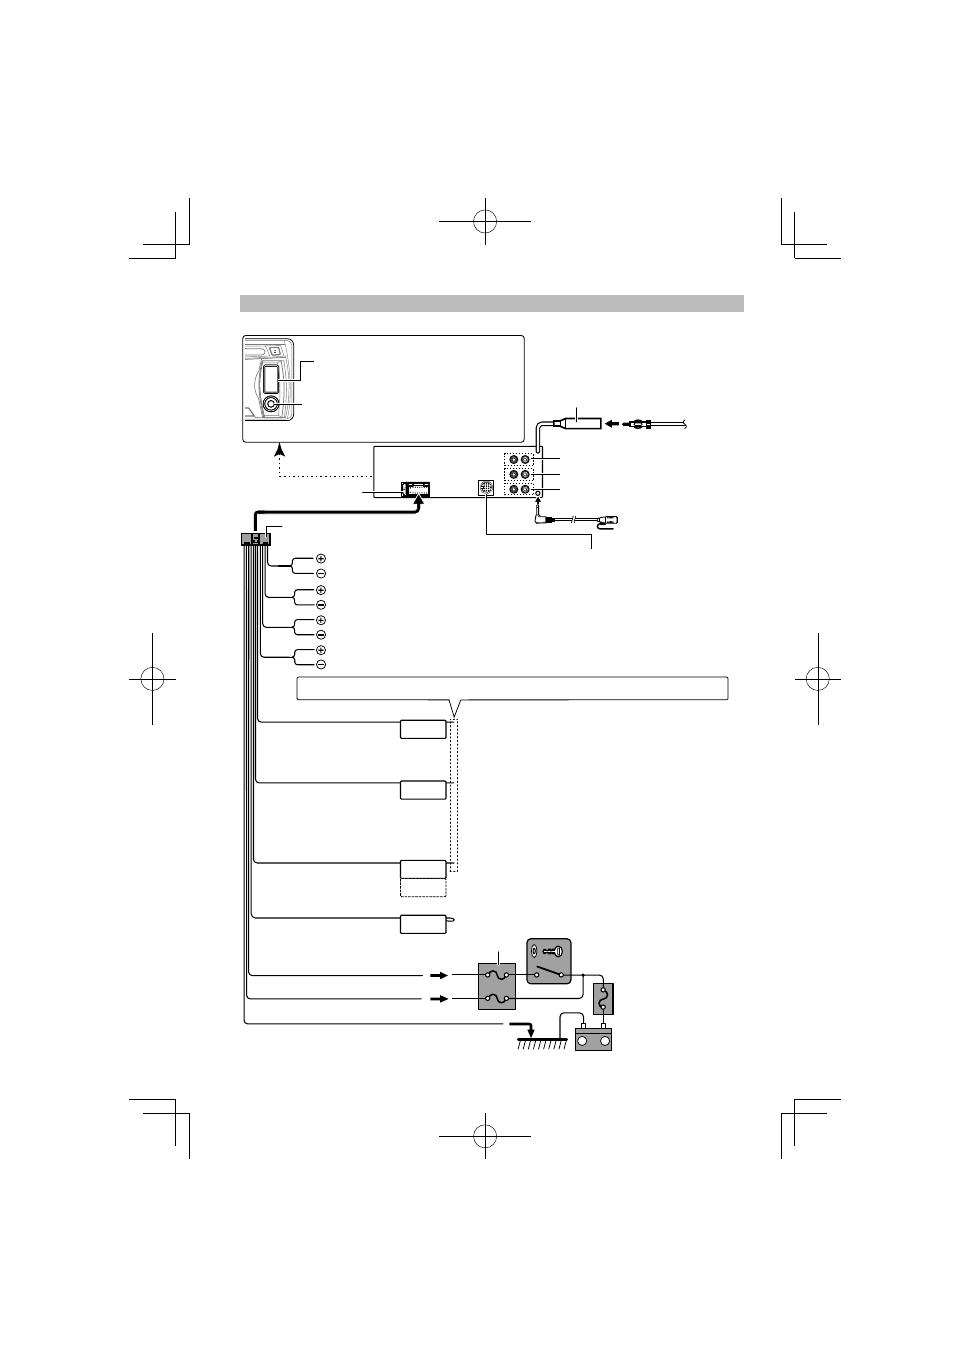 [GJFJ_338]  LB_5428] Kdc Mp235 Wiring Diagram Kenwood Get Free Image About Wiring  Diagram Schematic Wiring | Kenwood Kdc Mp235 Wiring Diagram |  | Ixtu Pneu Unho Cali None Trua Over Benkeme Rine Umize Ponge Mohammedshrine  Librar Wiring 101